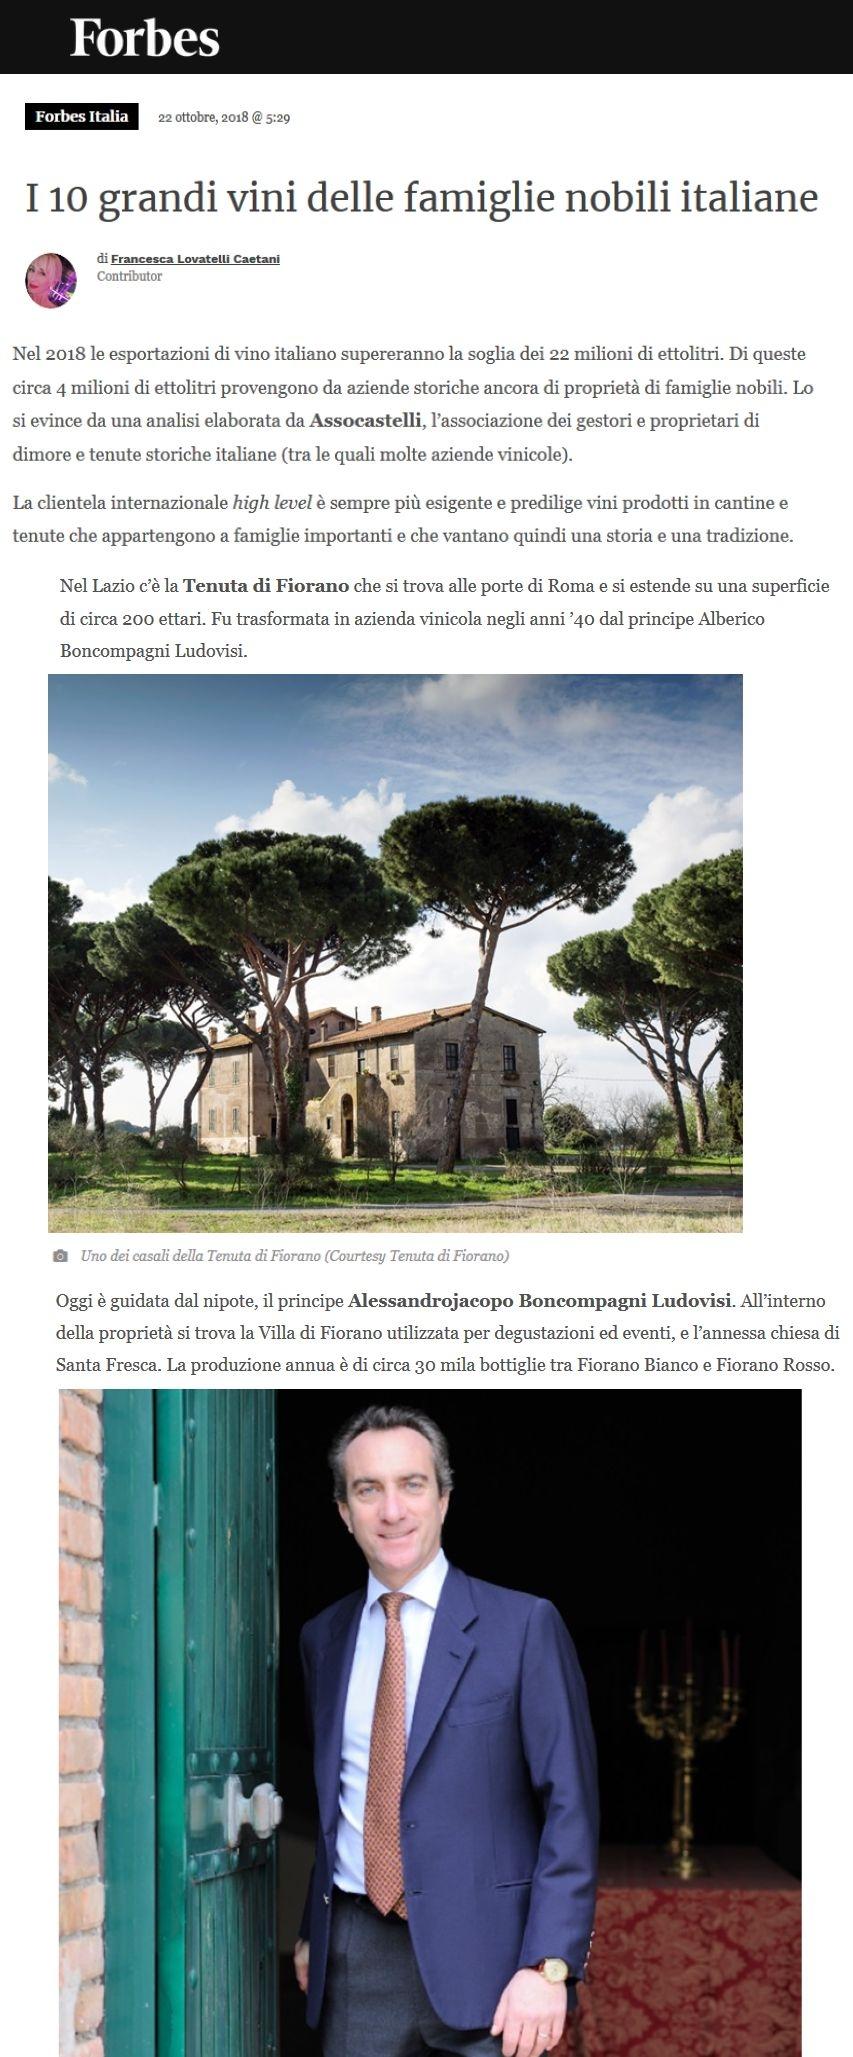 I dieci grandi vini delle famiglie nobili italiane